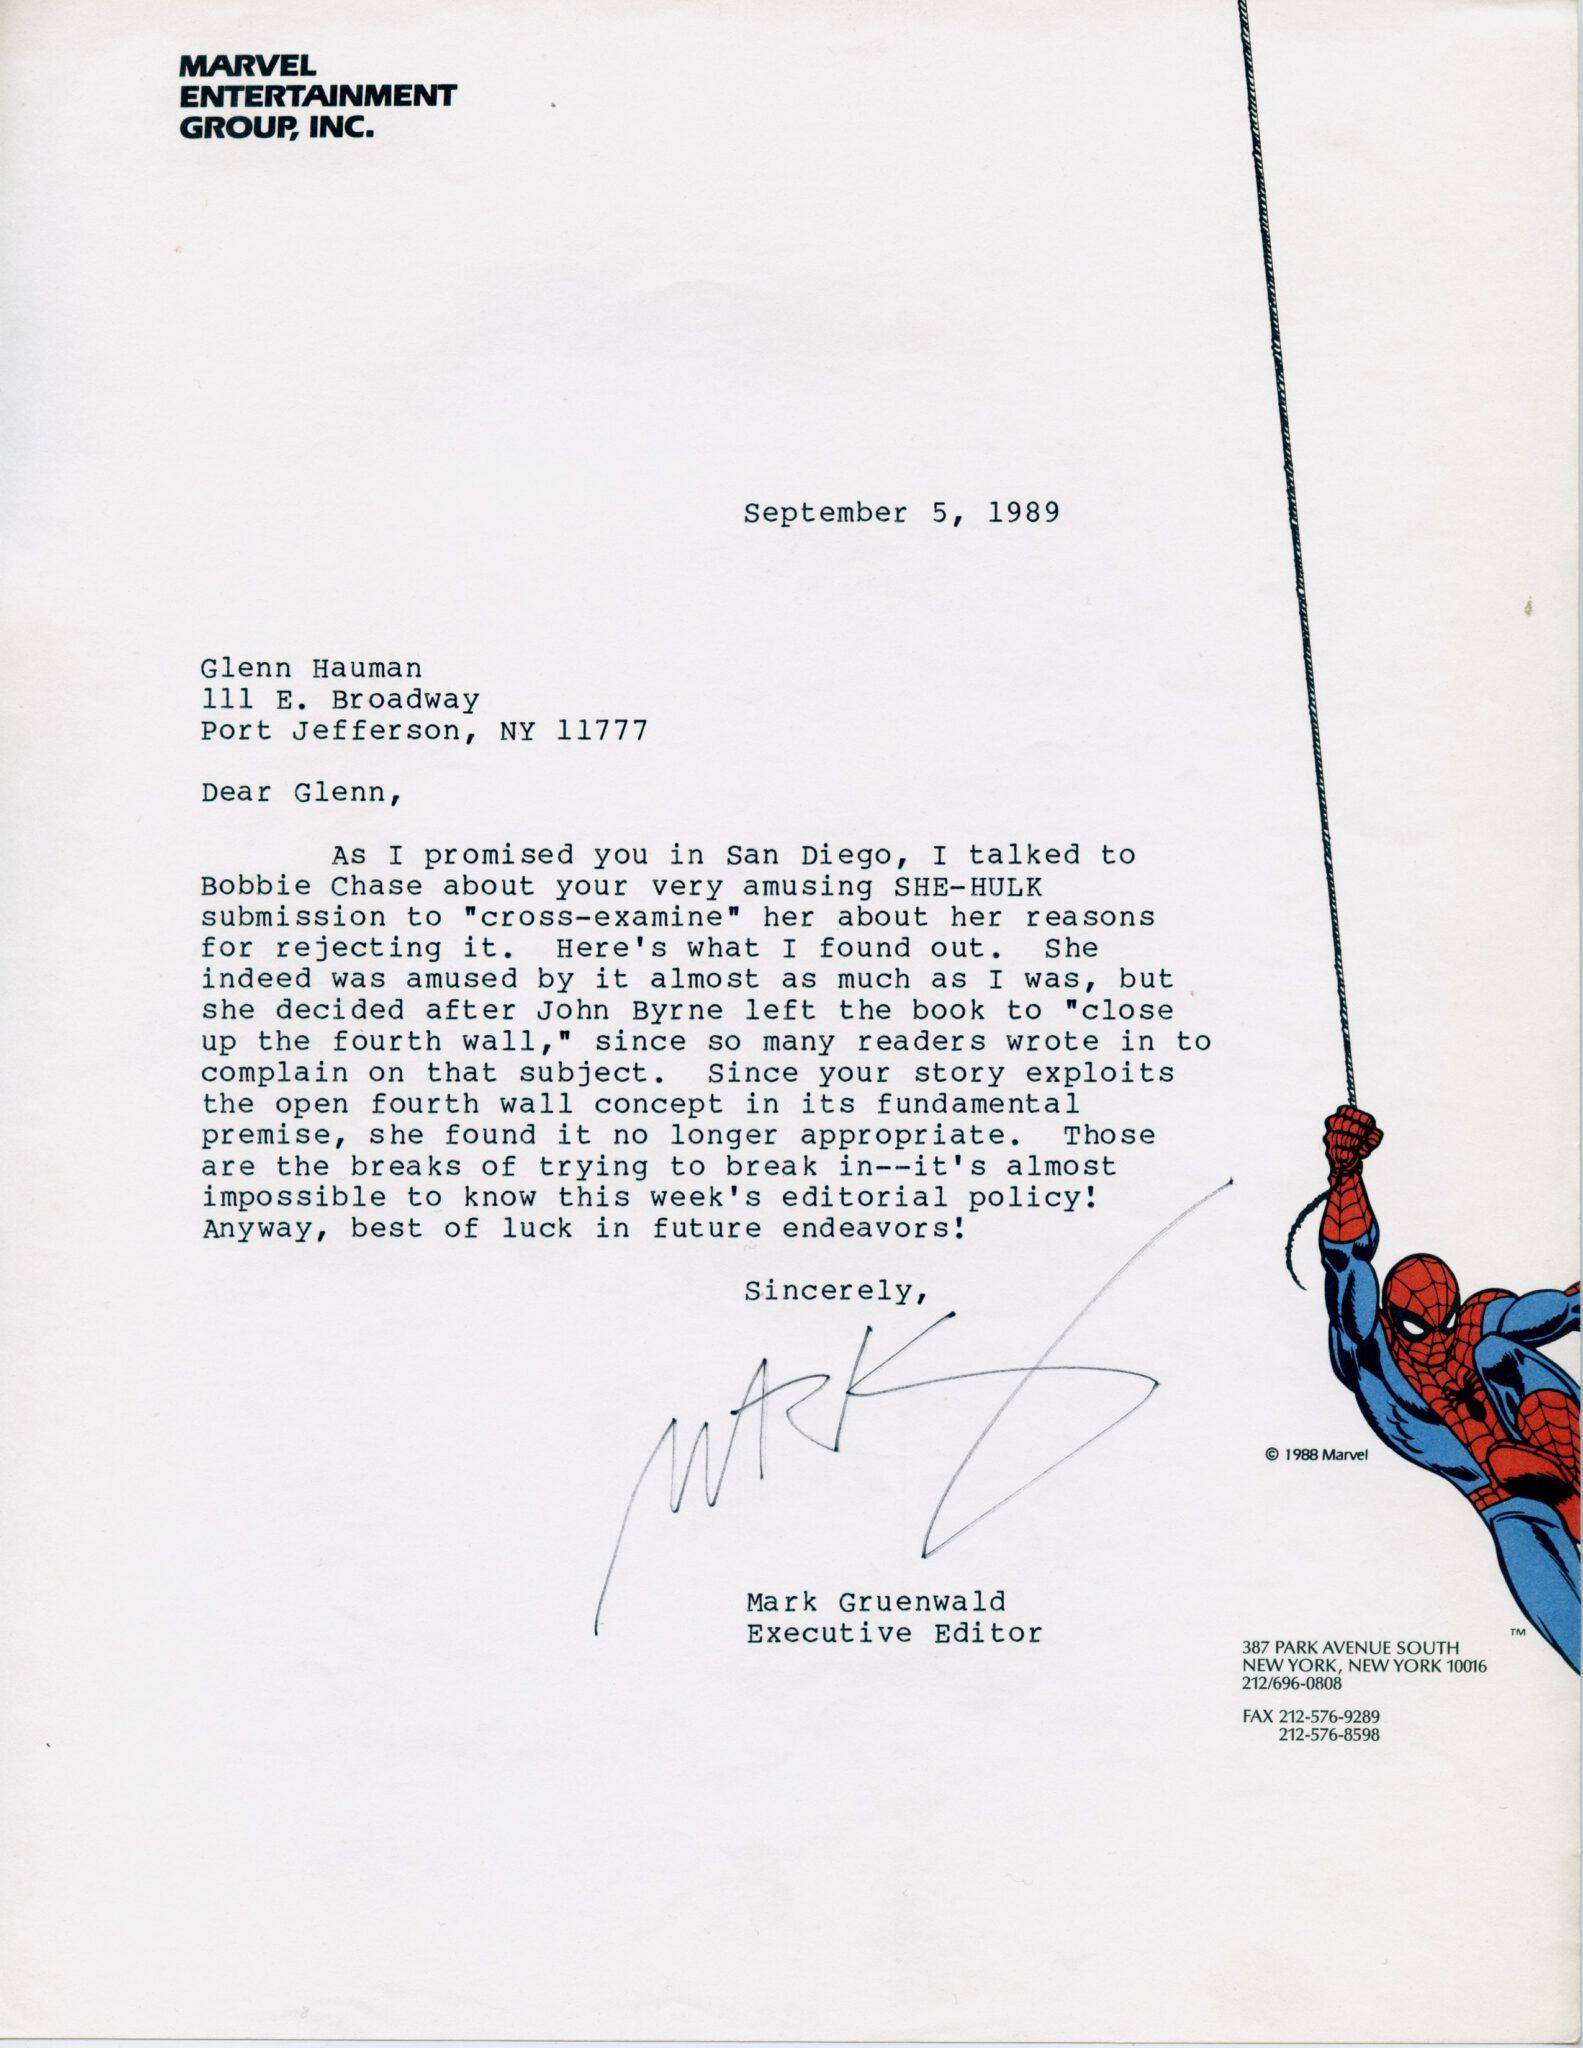 marvel-mark-gruenwald-rejection-letter